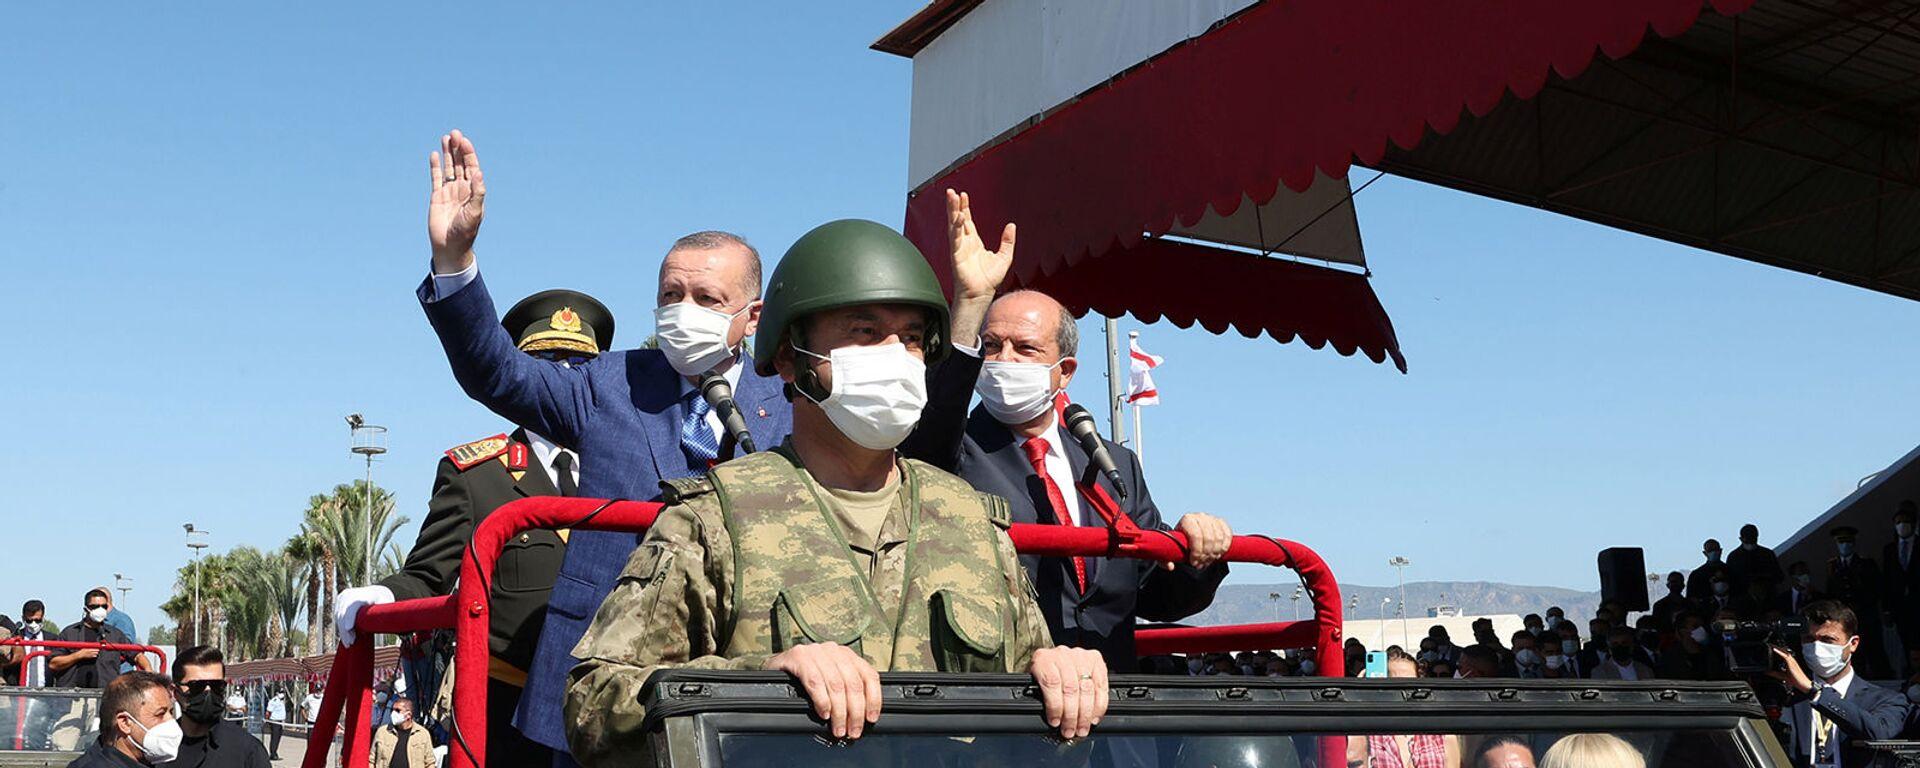 Президент Турции Реджеп Тайип Эрдоган и лидер киприотов-турок Эрсин Татар принимают участие в военном параде (20 июля 2021). Никосия - Sputnik Արմենիա, 1920, 22.07.2021